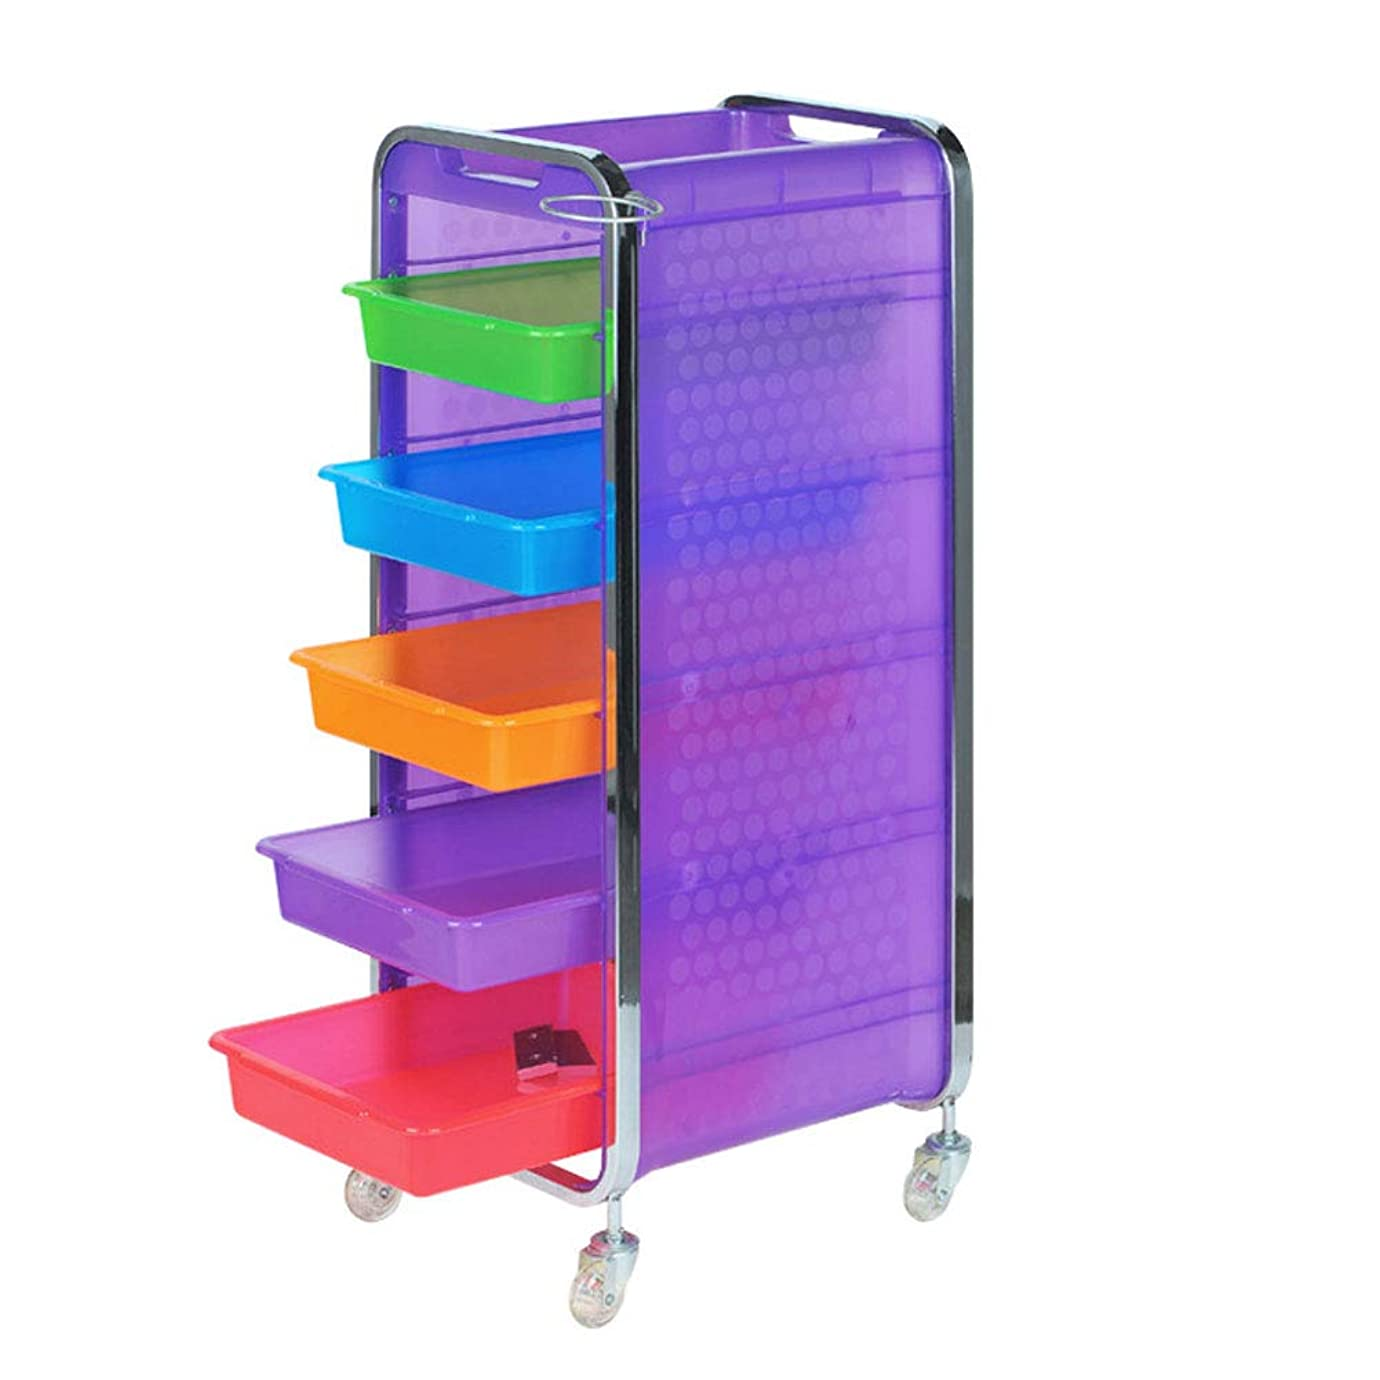 抑圧確かに気分が良いサロン美容院トロリー美容美容収納カート6層トレイ多機能引き出し虹色,Purple,B